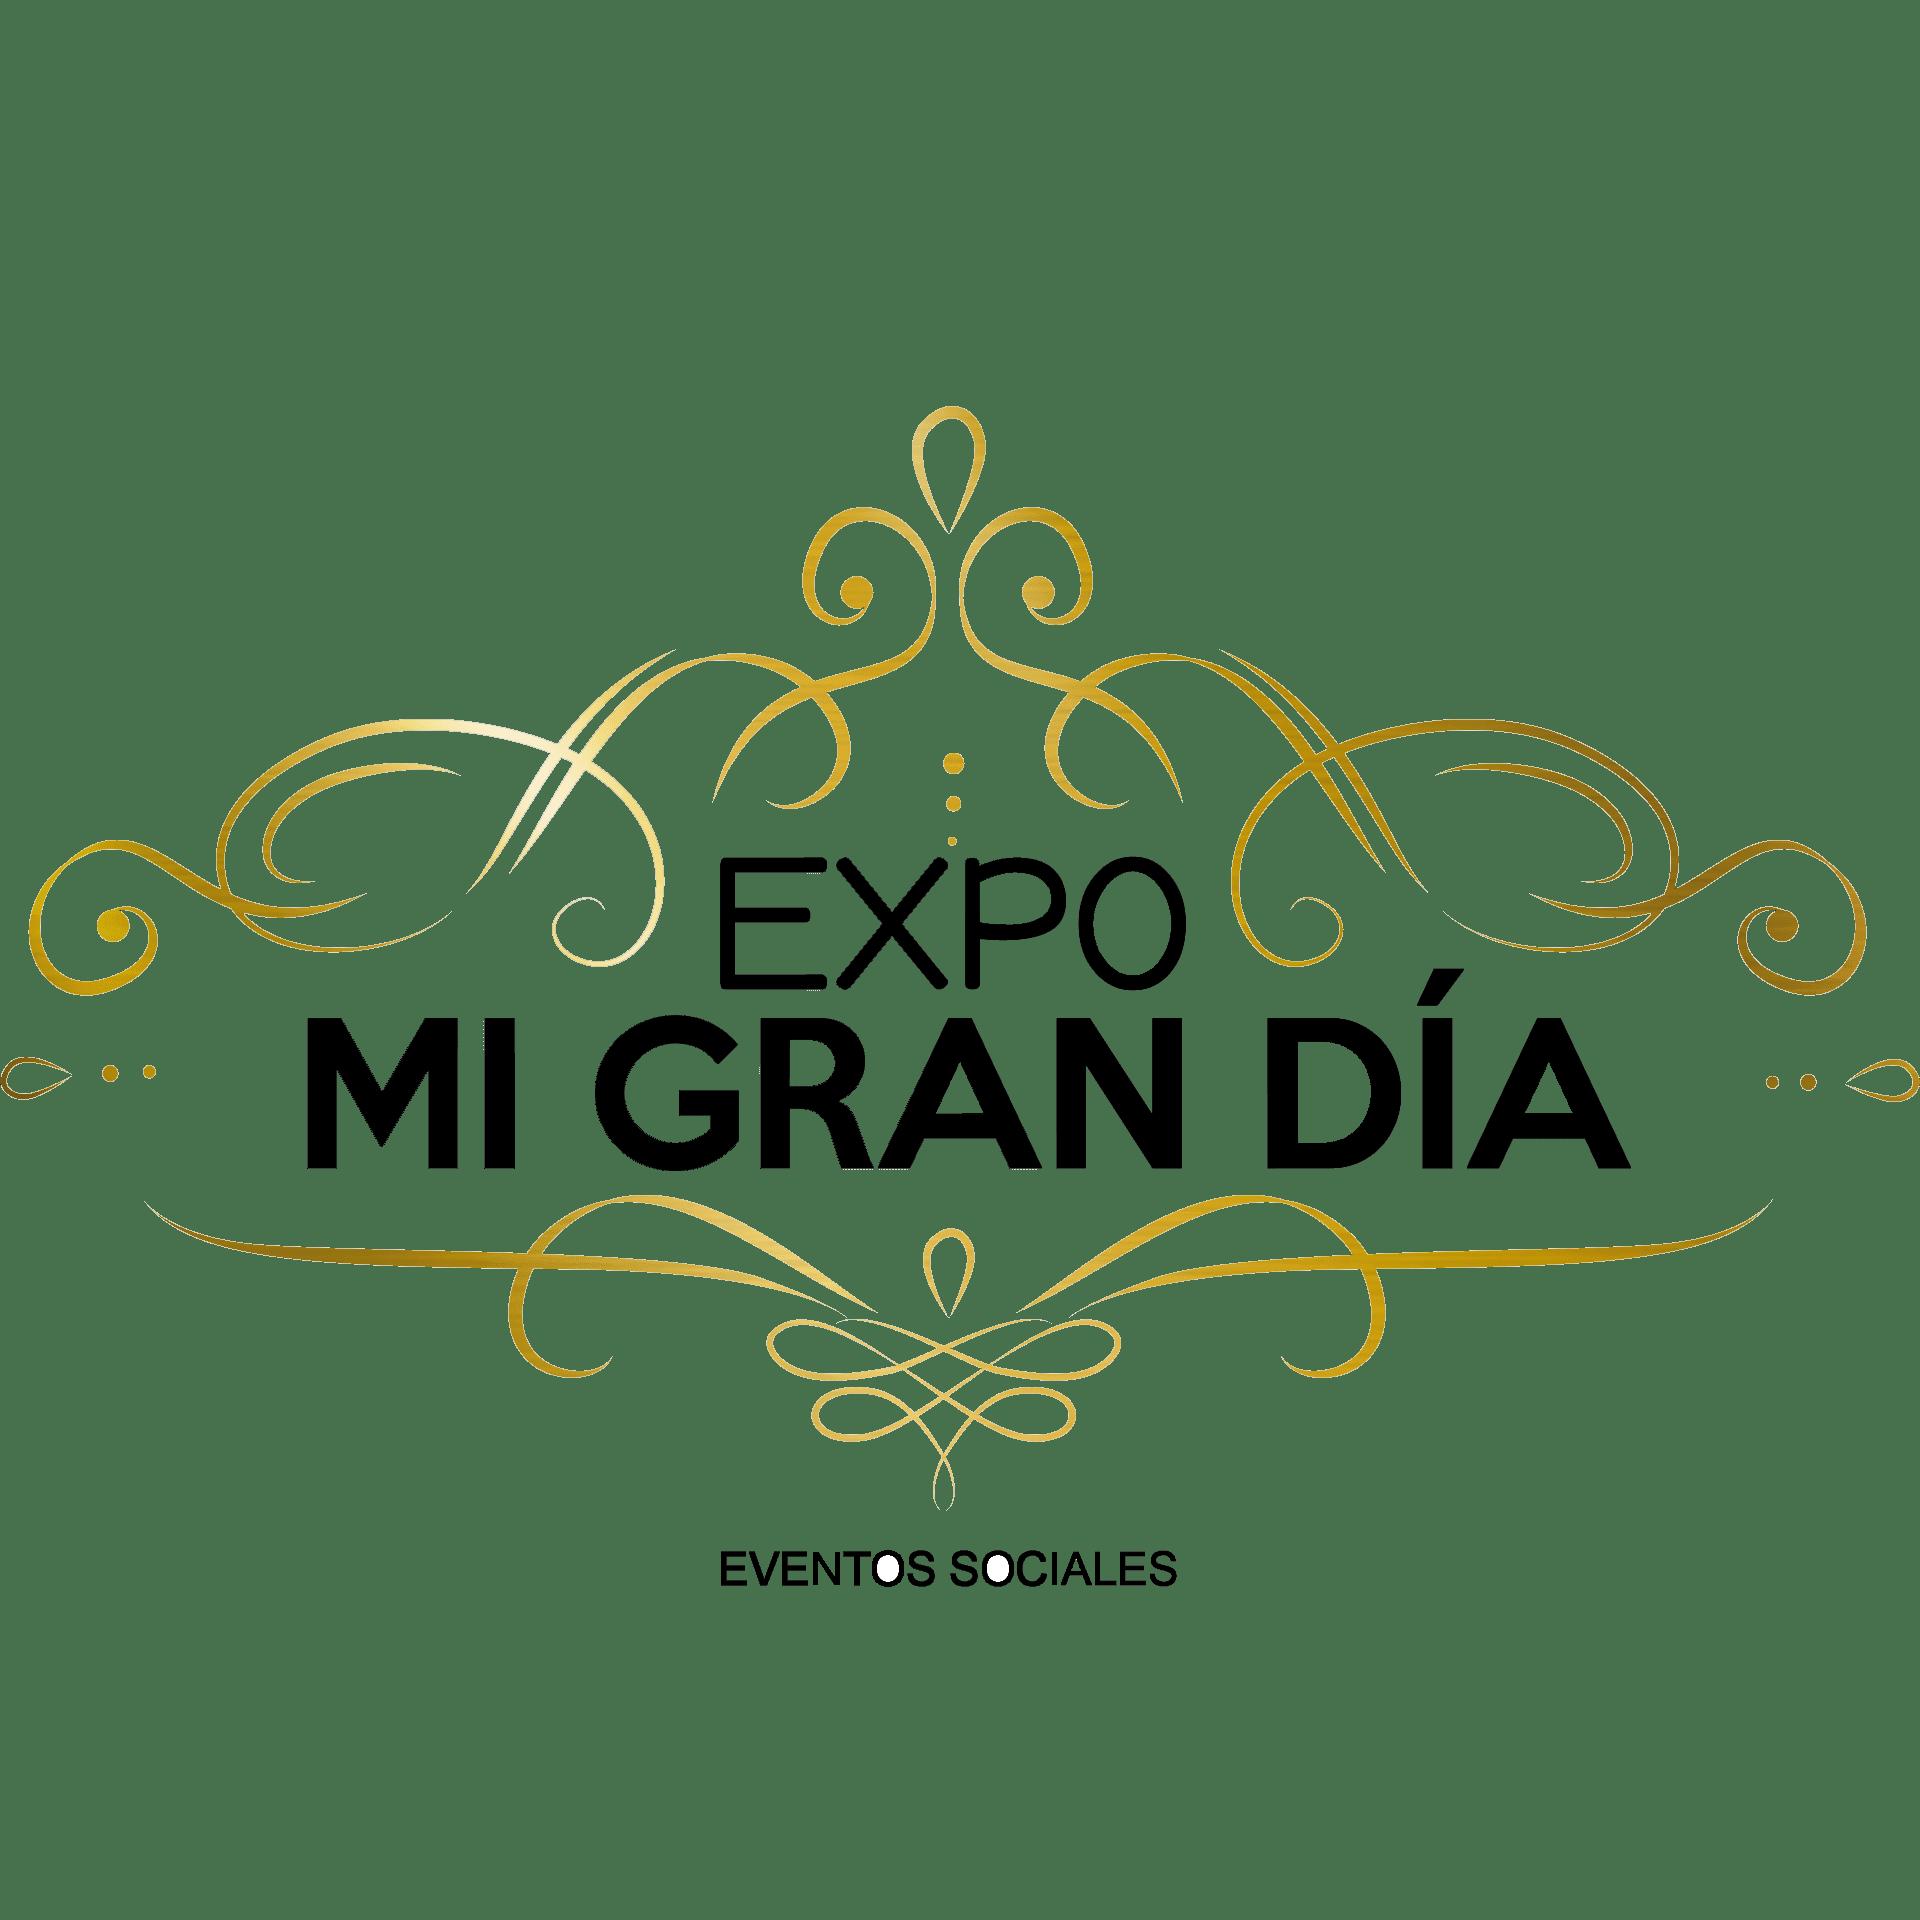 Expo Mi Gran Día